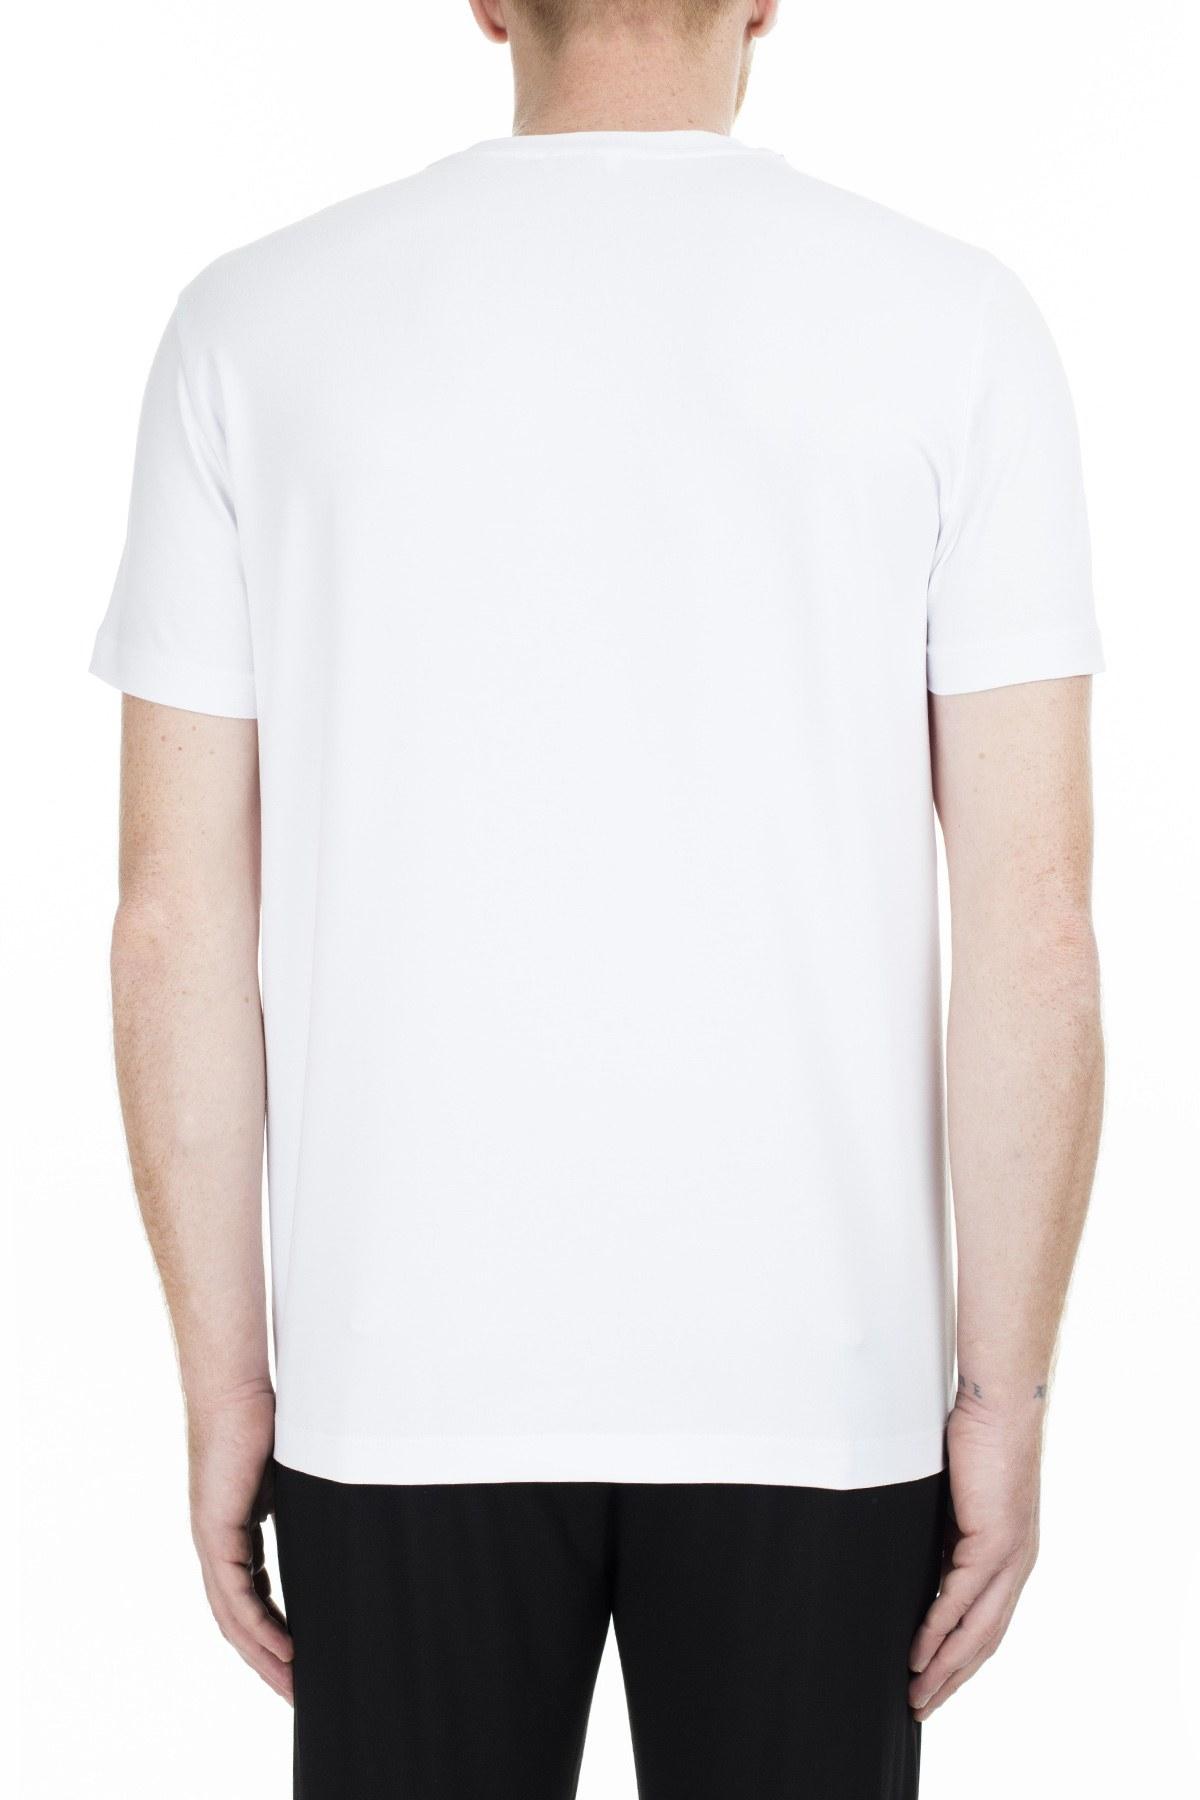 Bikkembergs Erkek T Shirt C7001D9E1823A00 BEYAZ